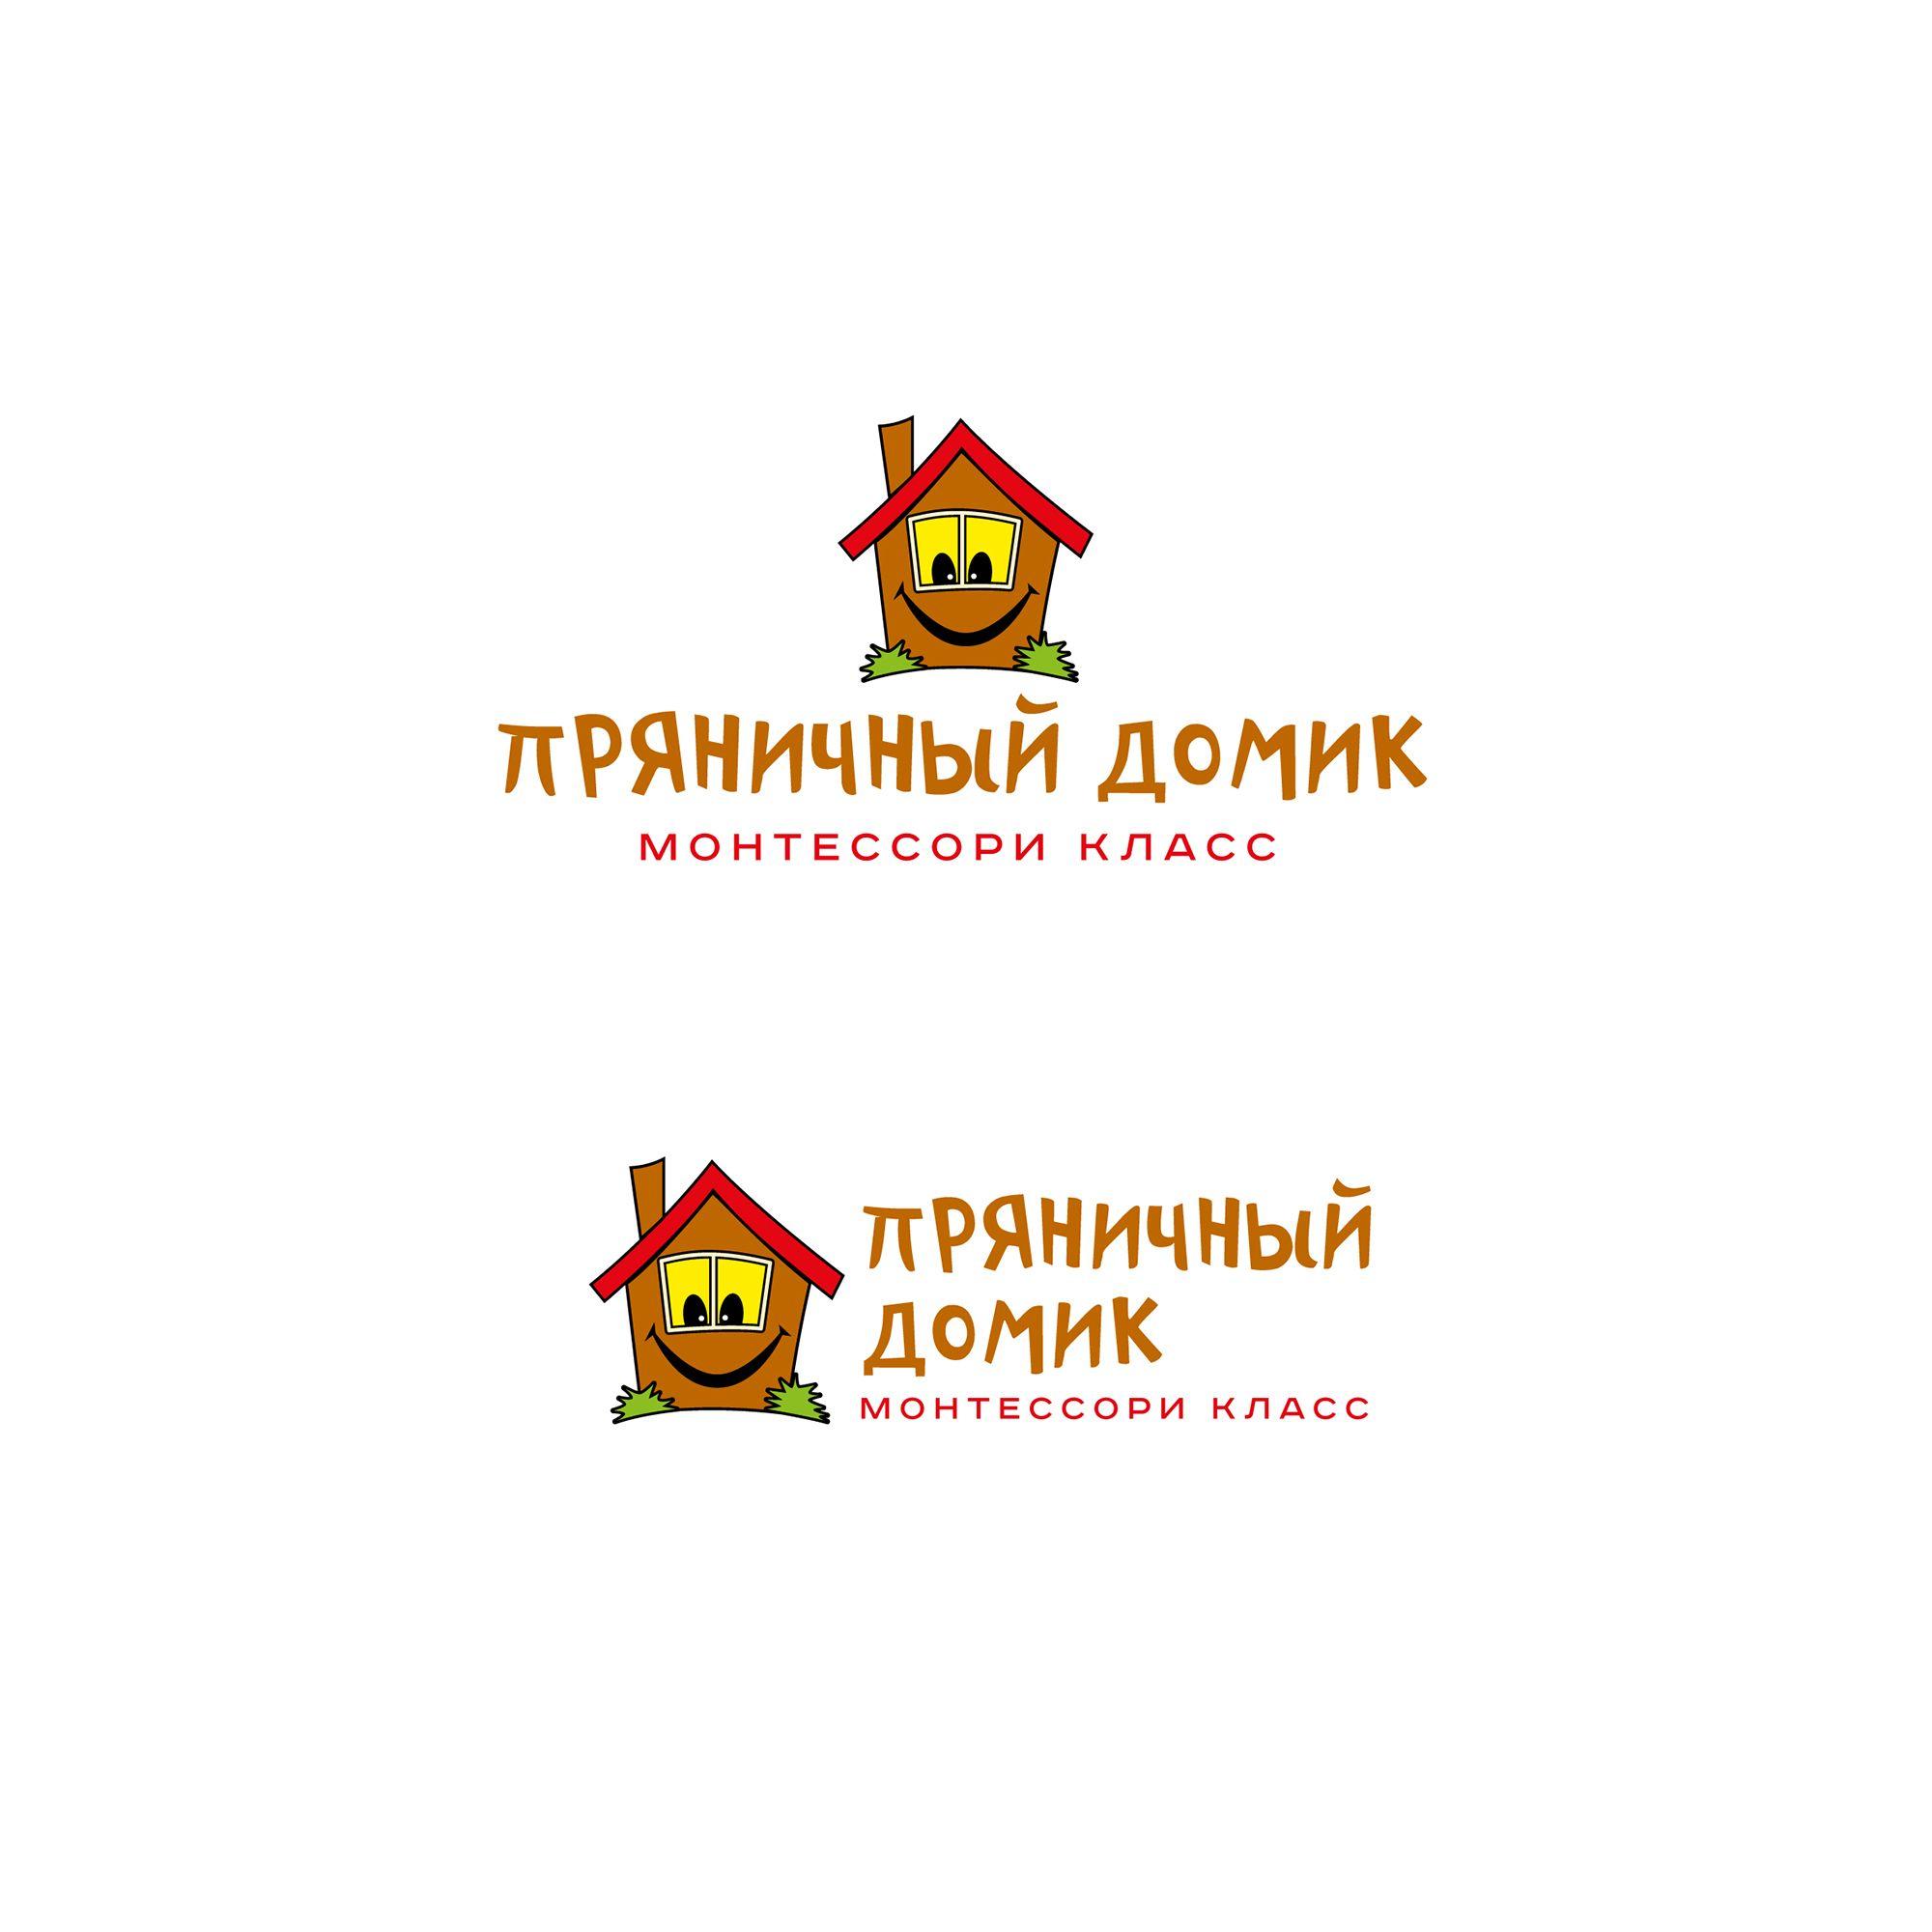 Логотип для ПРЯНИЧНЫЙ ДОМИК монтессори класс - дизайнер mit-sey